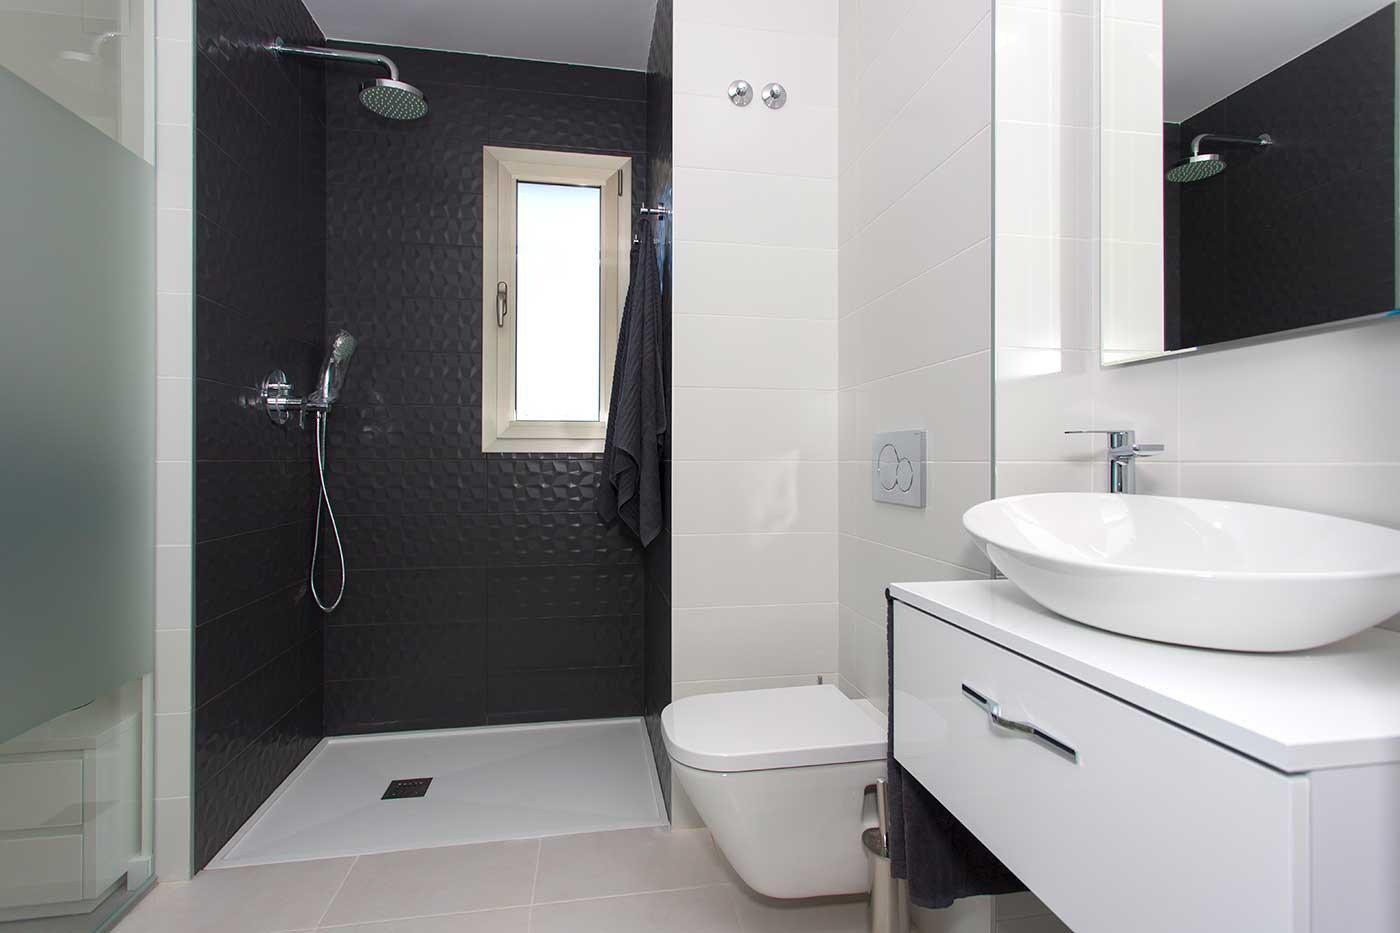 Complejo de estilo moderno con apartamentos de 2,3 dormitorios y 2 baños con amplias terra - imagenInmueble9